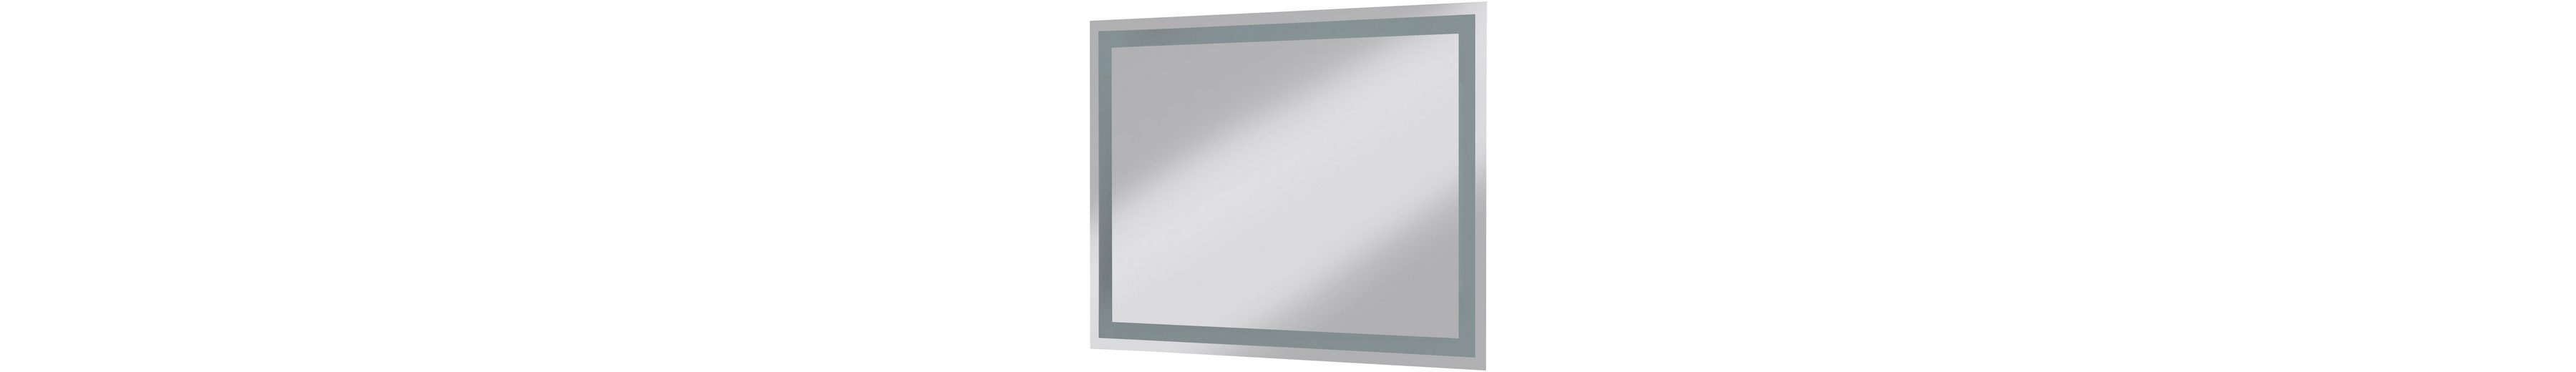 Spiegel / Badspiegel »York«, Breite 80 cm, mit Beleuchtung